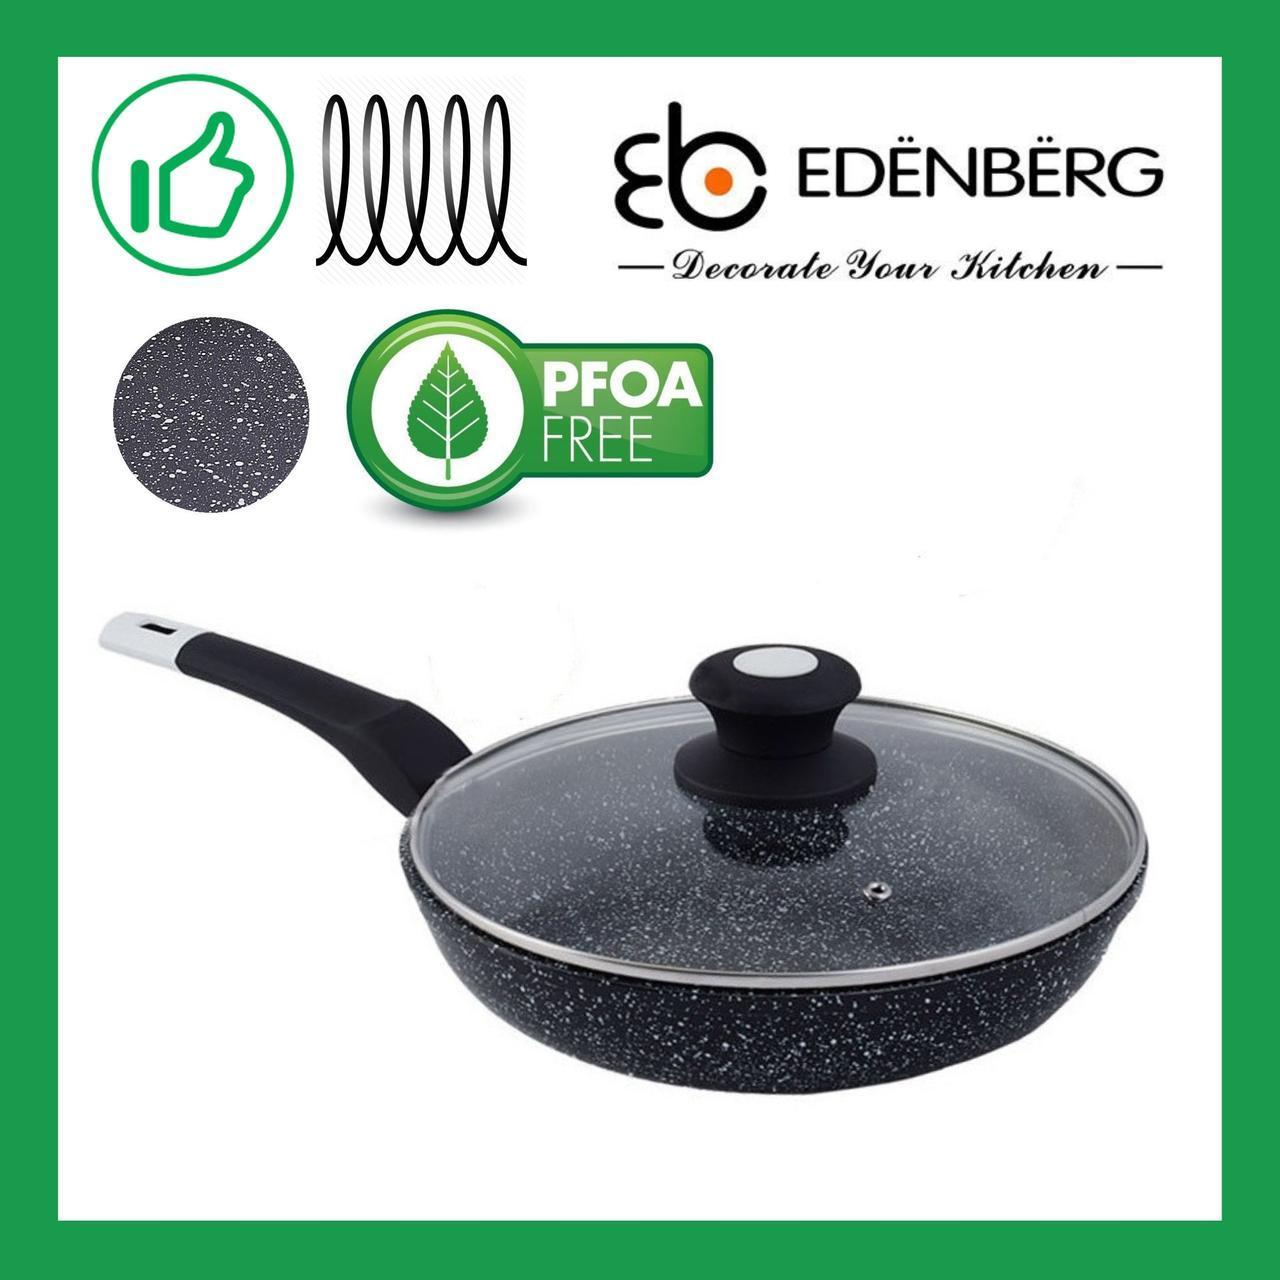 Сковорода антипригарная 26 см Edenberg из литого алюминия с крышкой и мраморным покрытием (EB-4135)